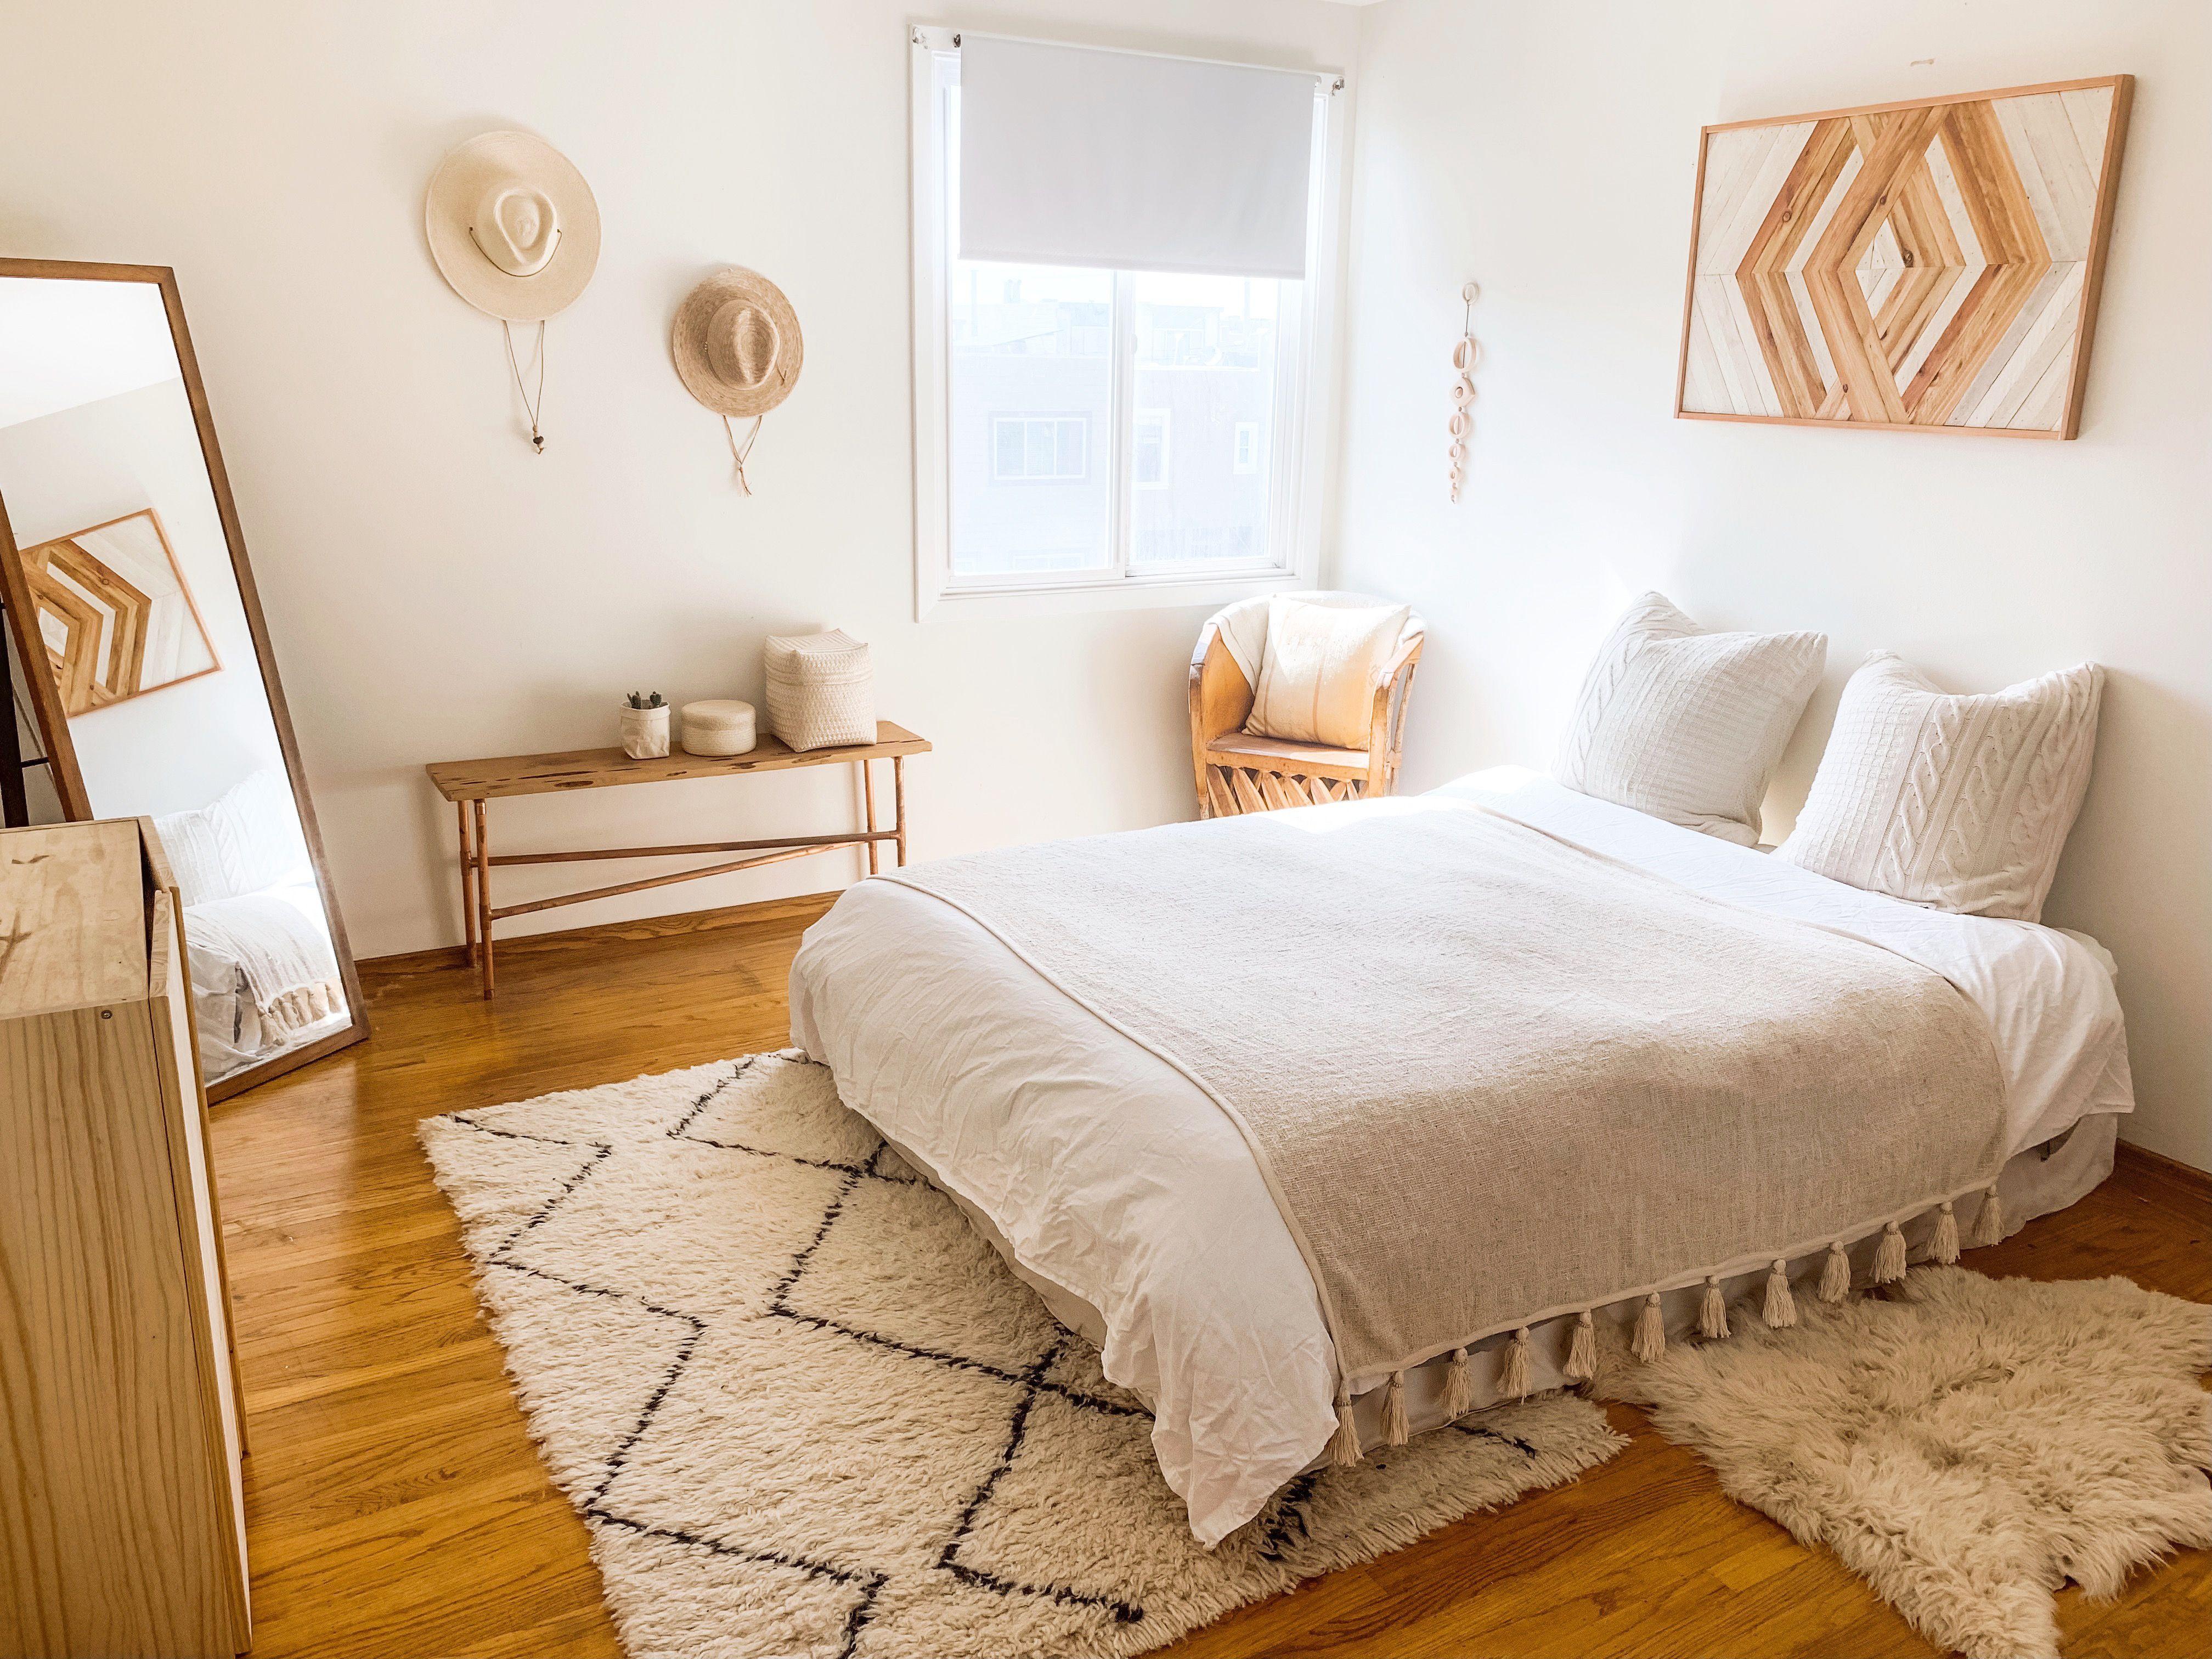 Art by Aleksandra Zee | Bedroom design, Minimalist bedroom ... on Neutral Minimalist Bedroom Ideas  id=19857